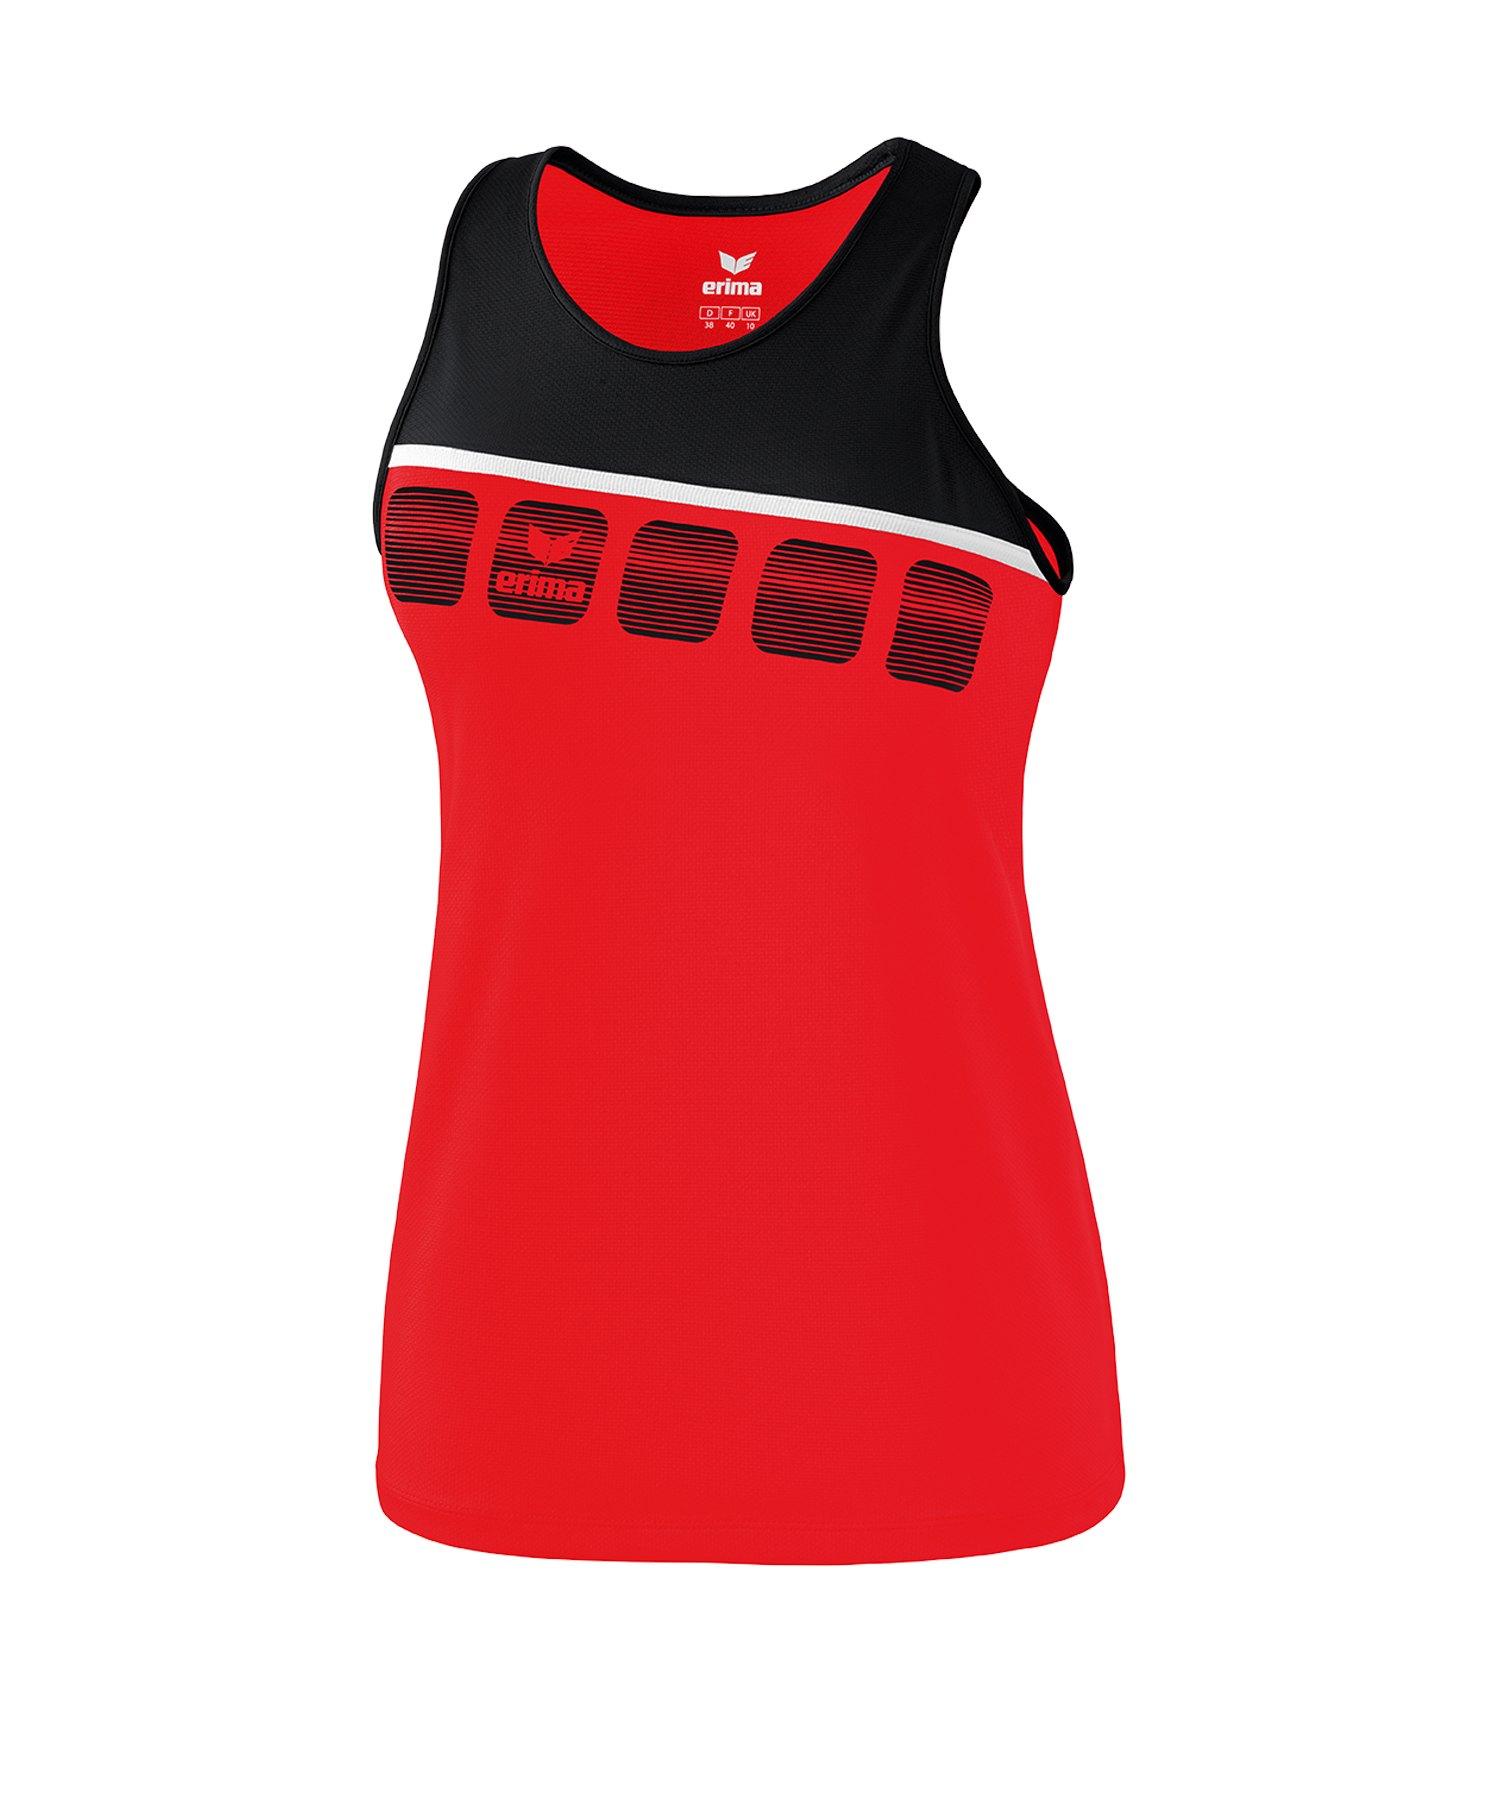 Erima 5-C Tanktop Damen Rot - rot